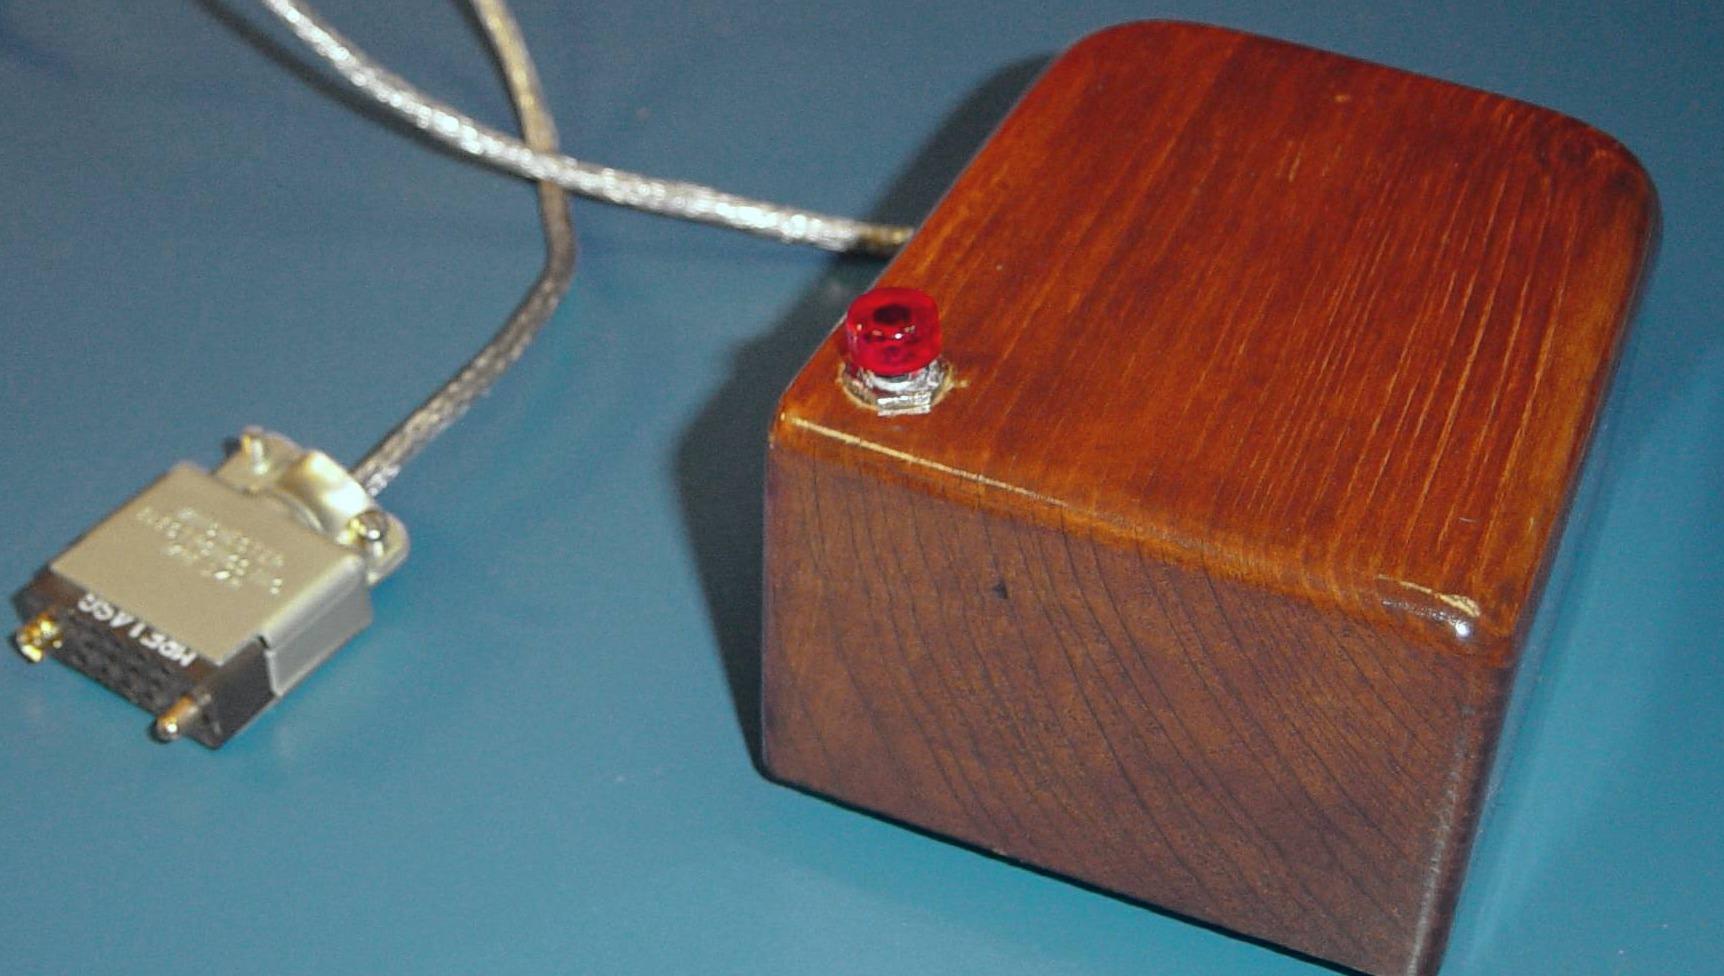 Slik så en PC-mus ut i gamledager.